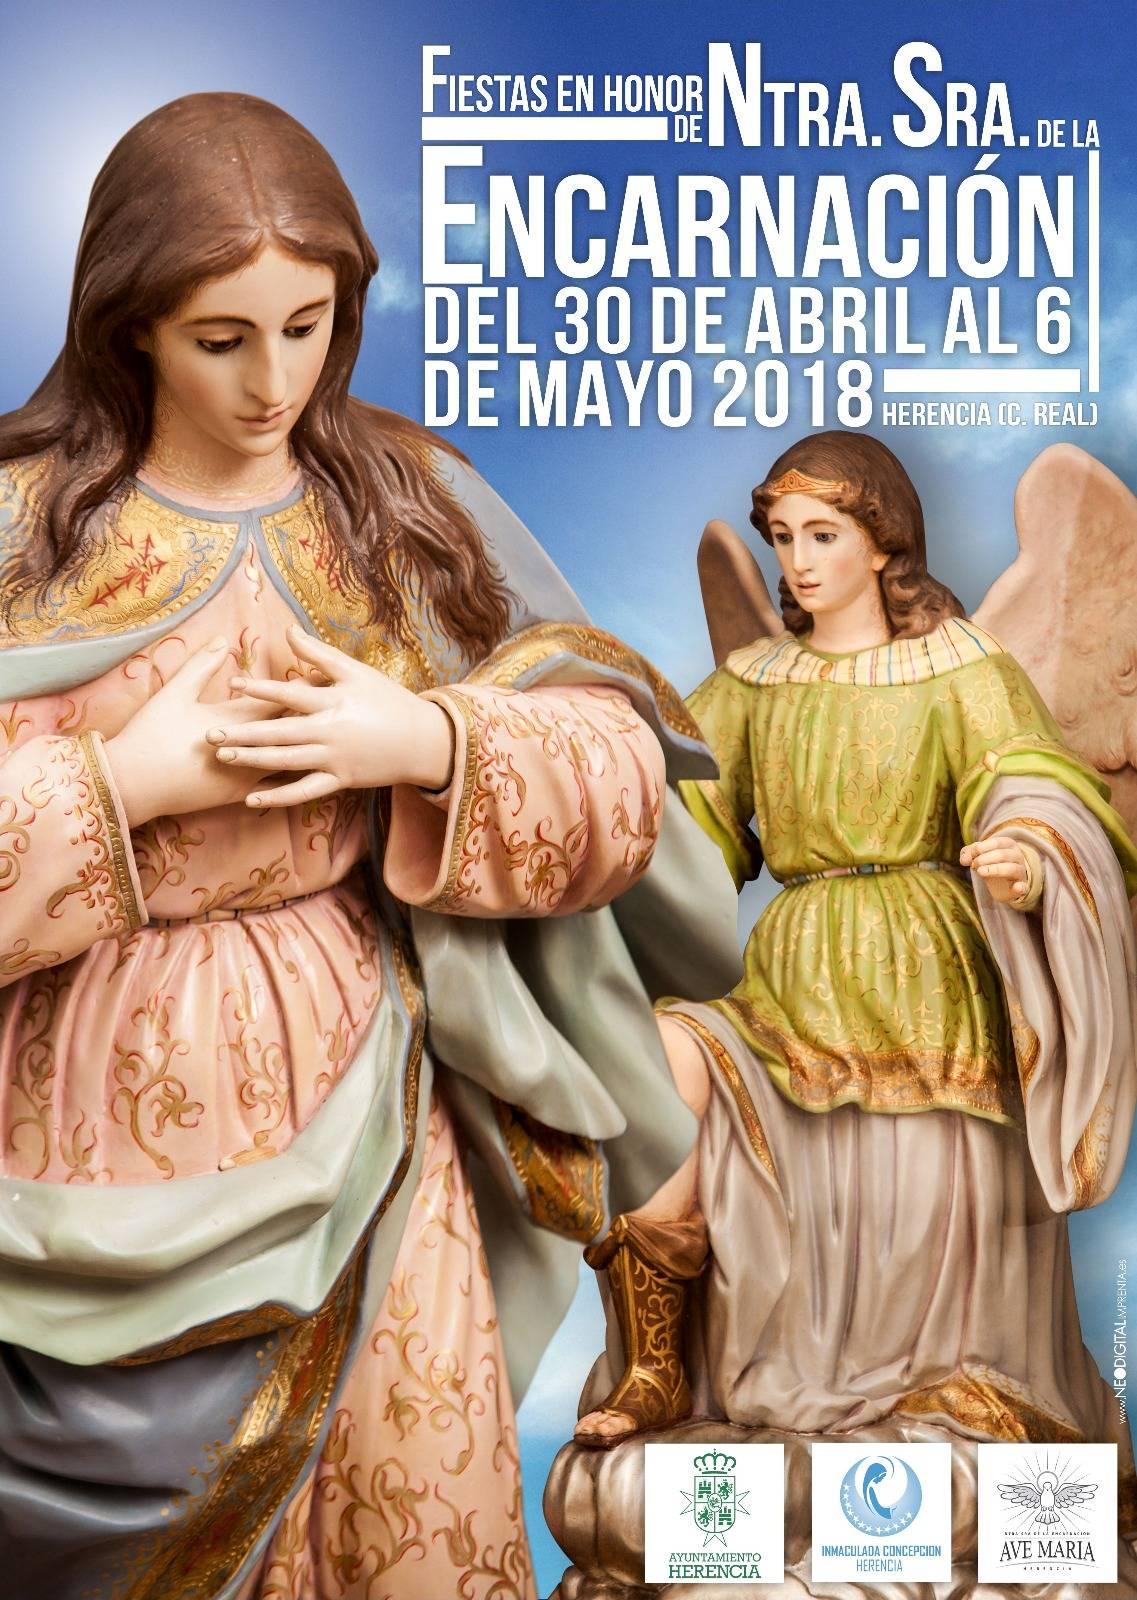 Fiestas en honor a Nuestra Se%C3%B1ora de la Encarnacion en Herencia - Fiestas en honor a Nuestra Señora de la Encarnación en Herencia